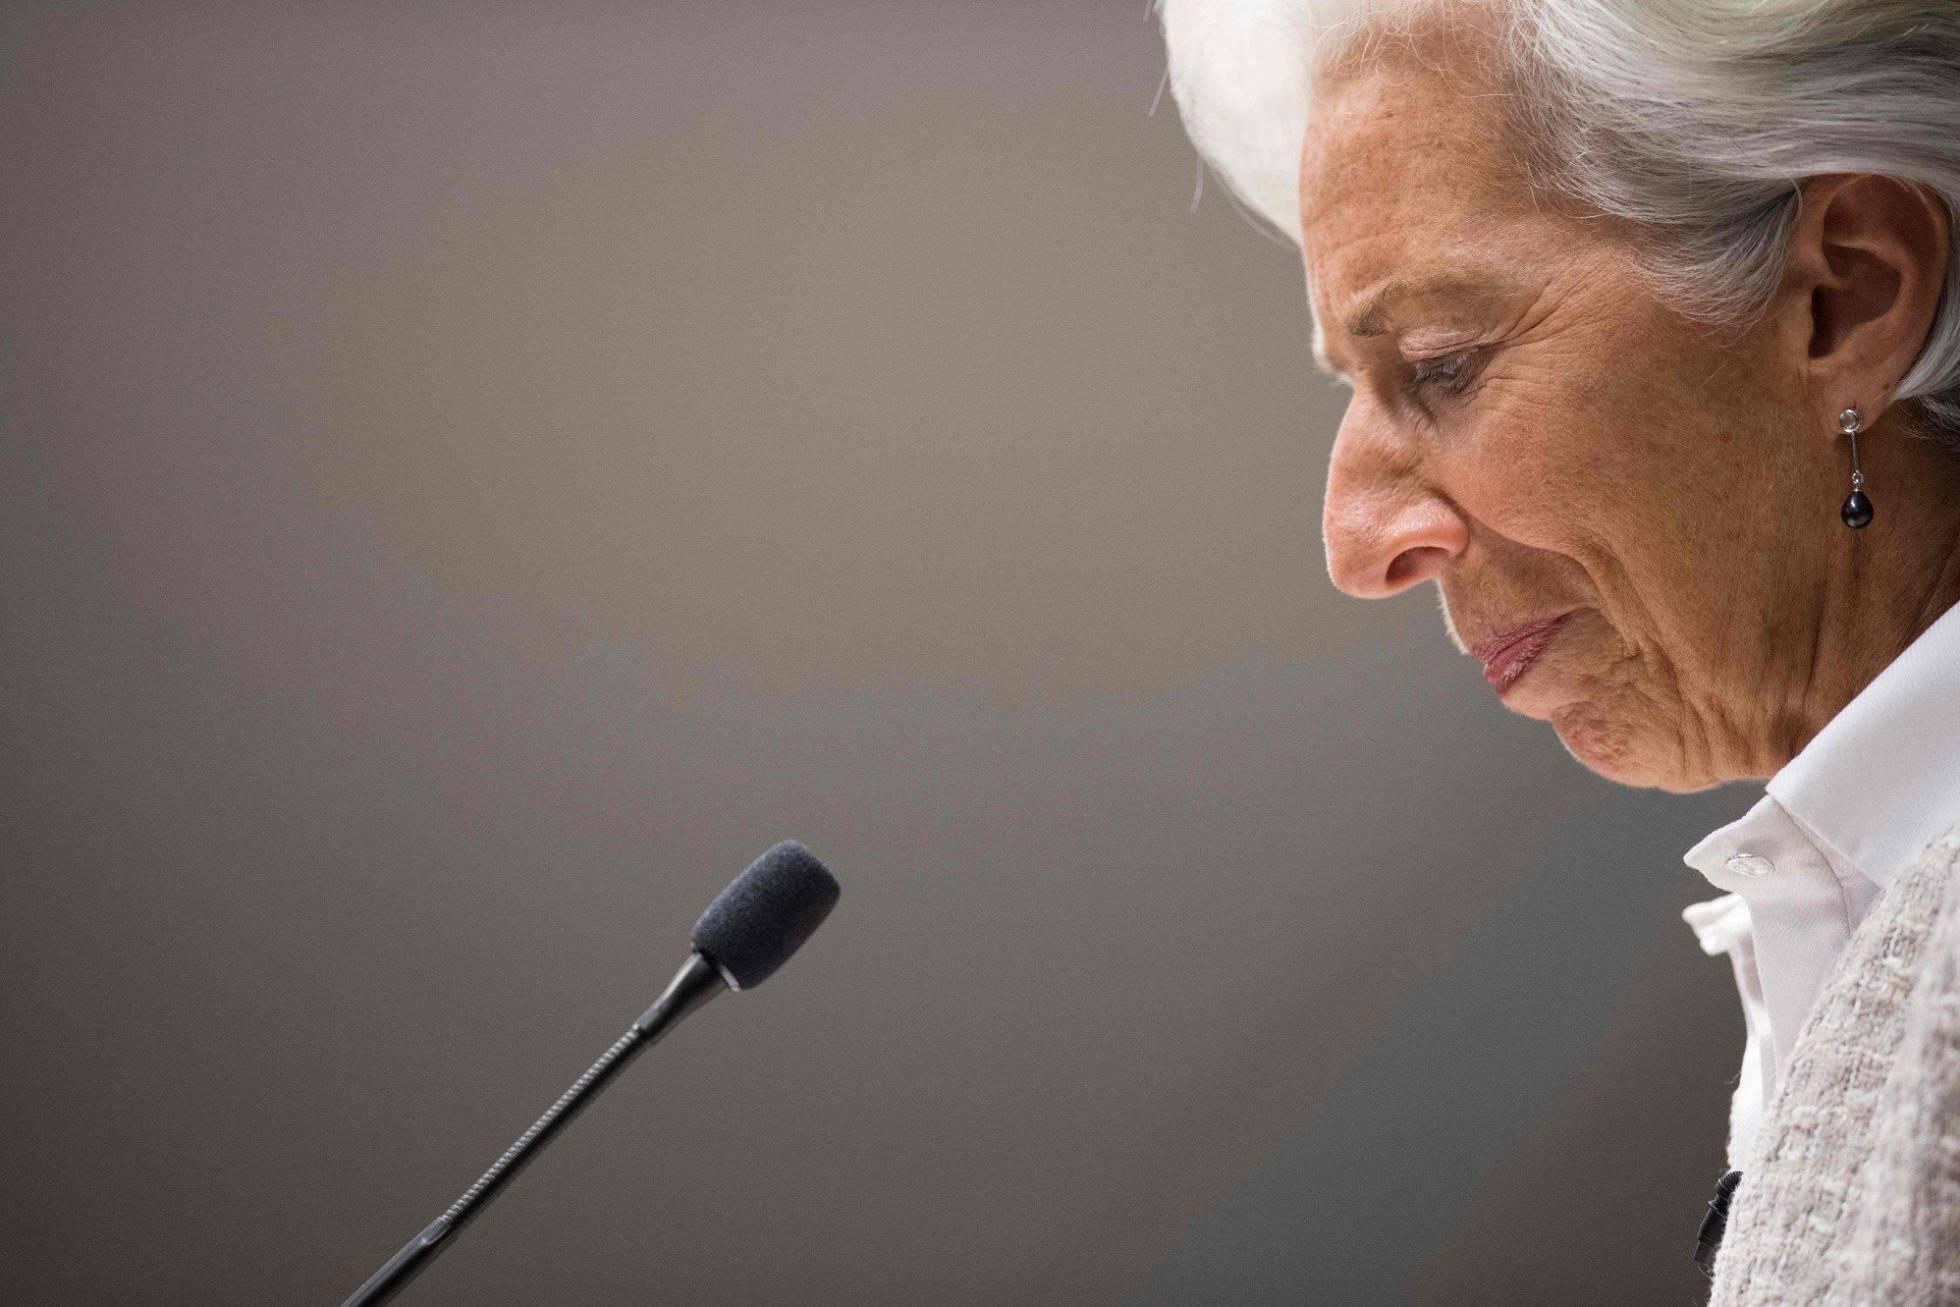 El FMI pide a España subir el IVA y revisar el gasto en Educación y Sanidad 1481621122_319472_1481623913_noticia_normal_recorte1